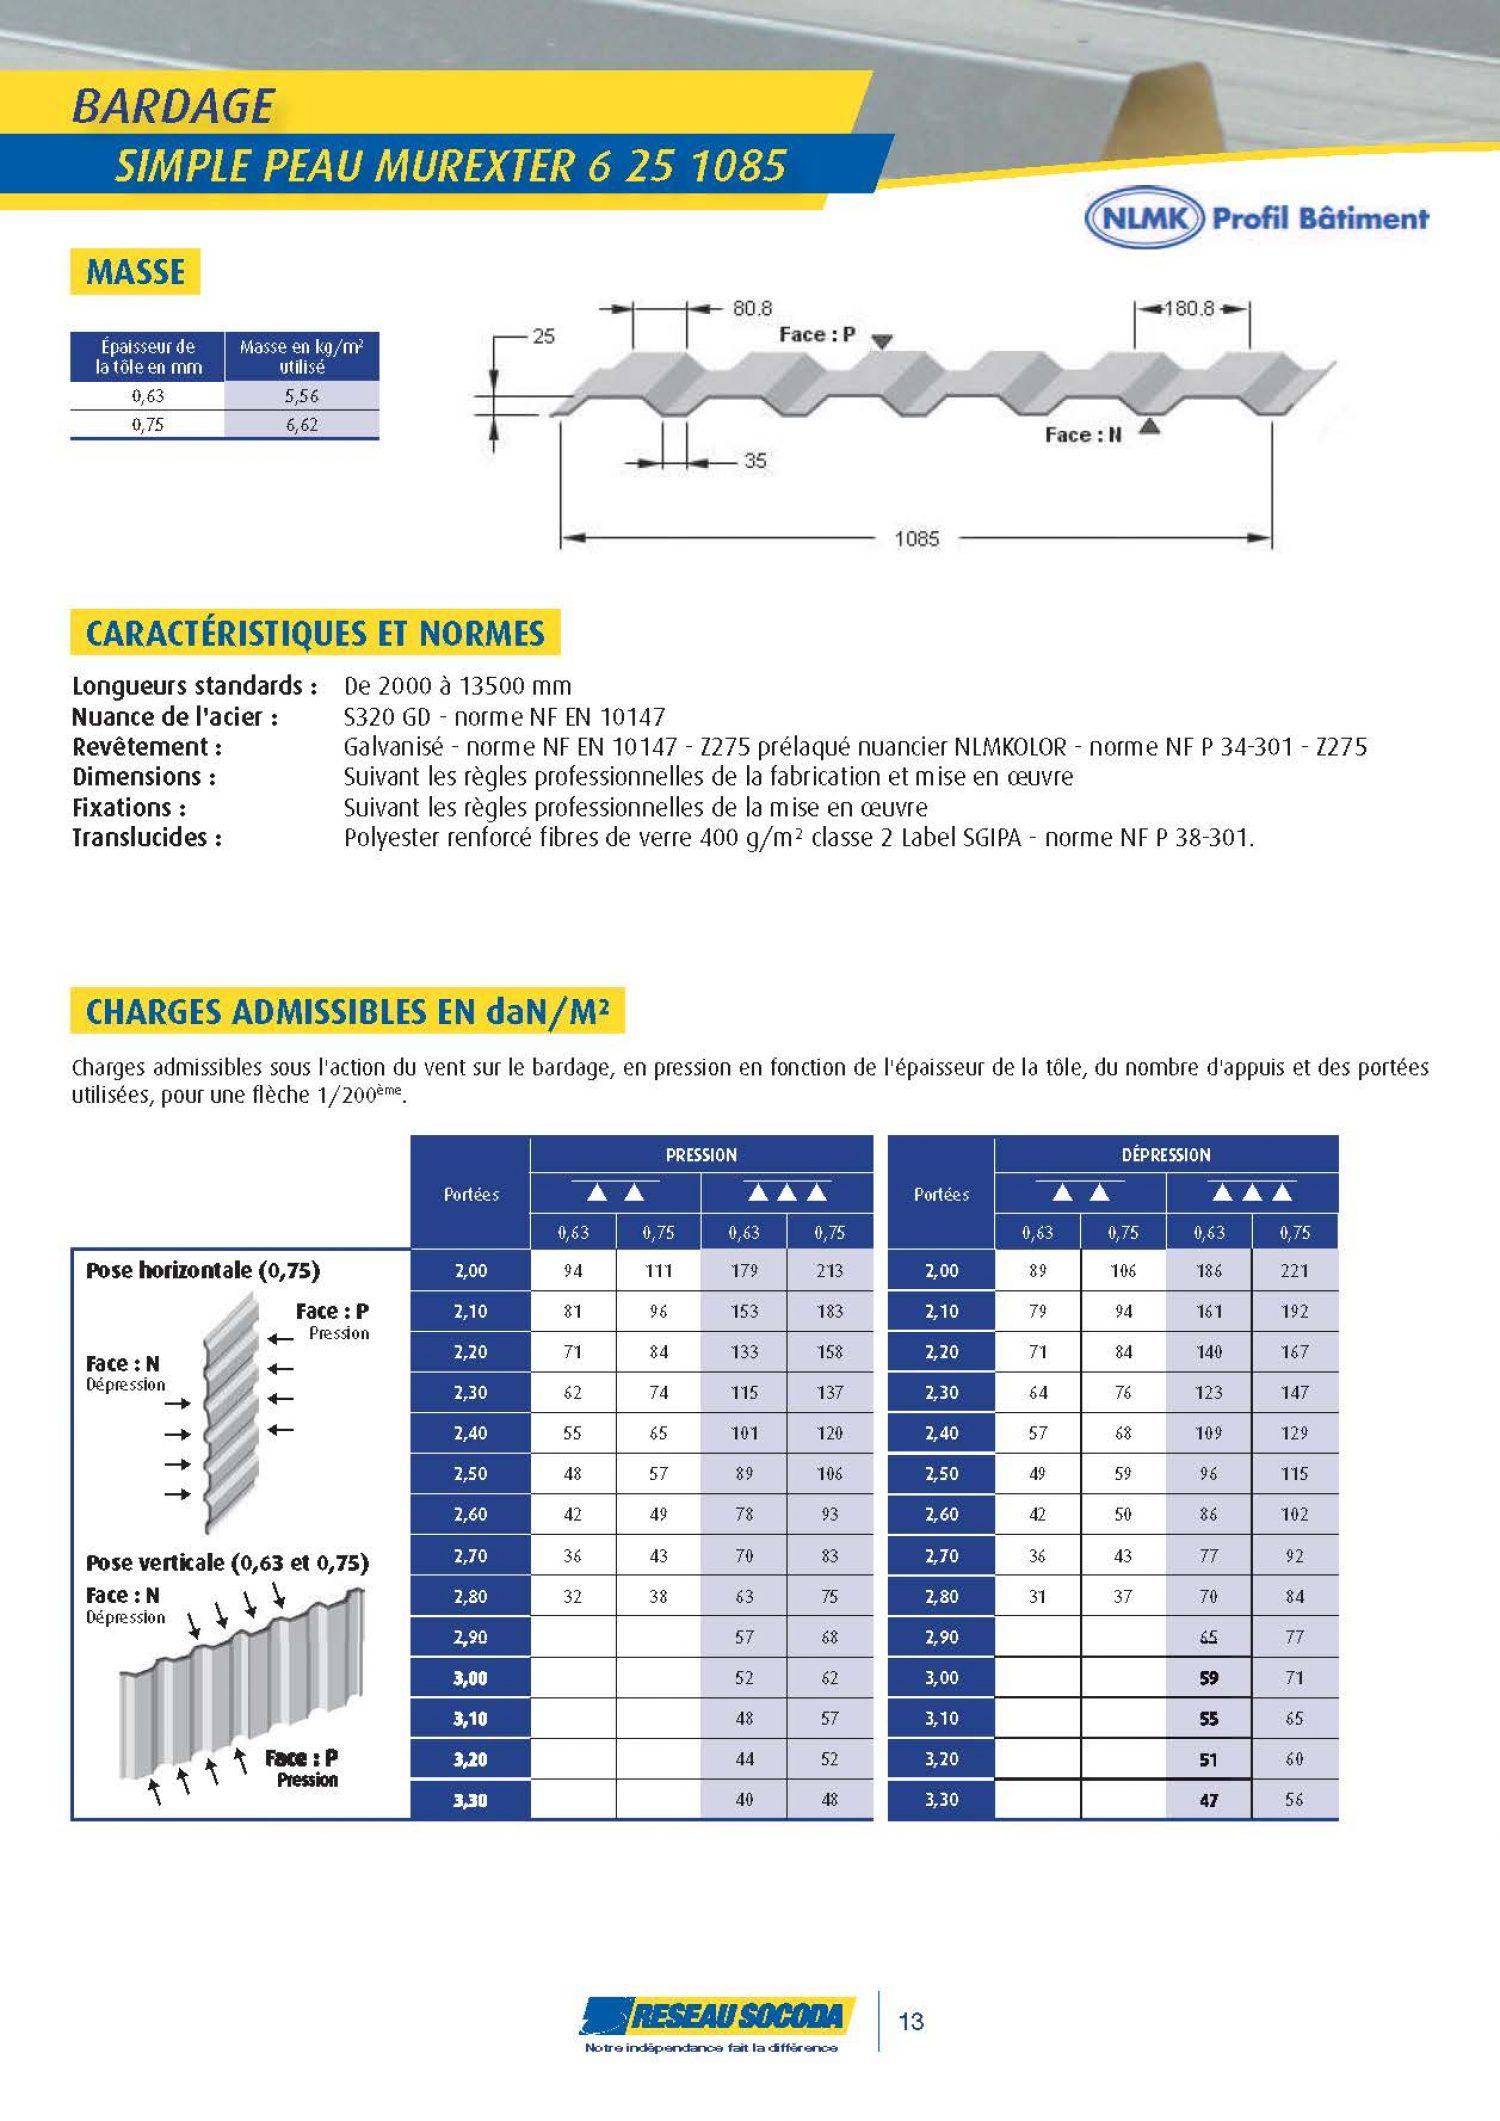 GERMOND_2014 PROFIL BATIMENT_20140324-184231_Page_13